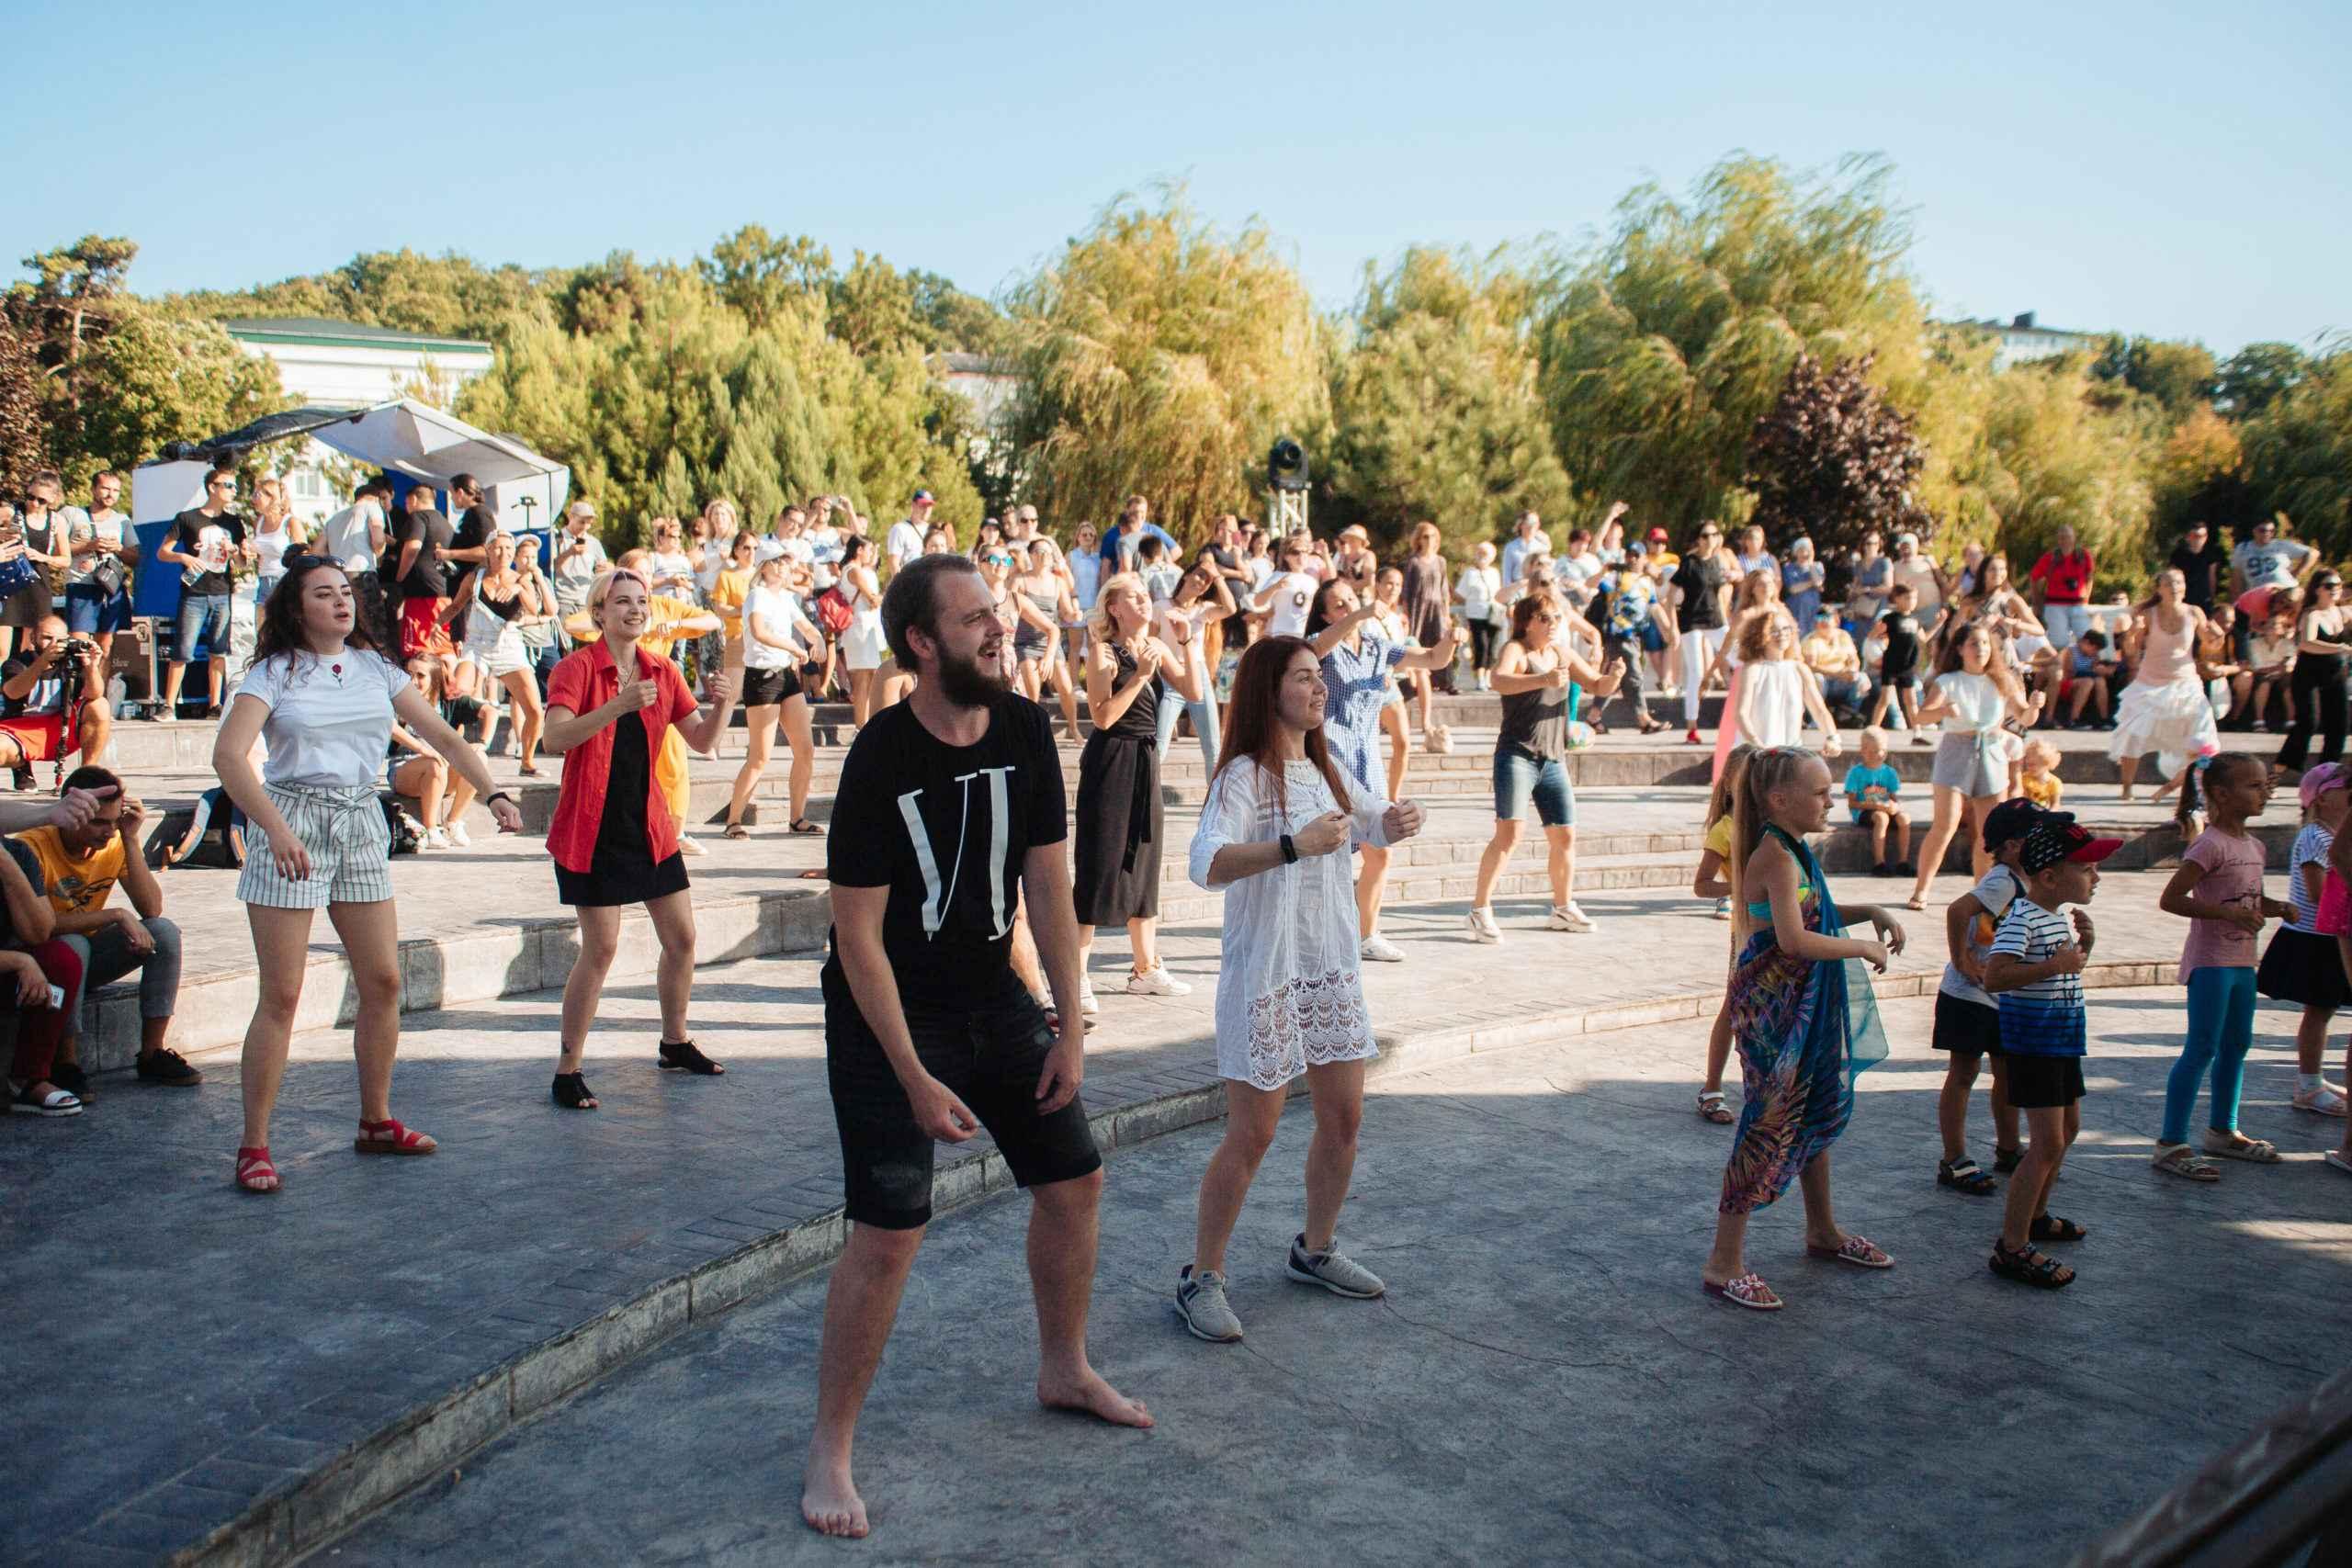 Танцевальные ритмы Zumba снова услышат вАбрау-Дюрсо: бесплатное занятие впервый день осени